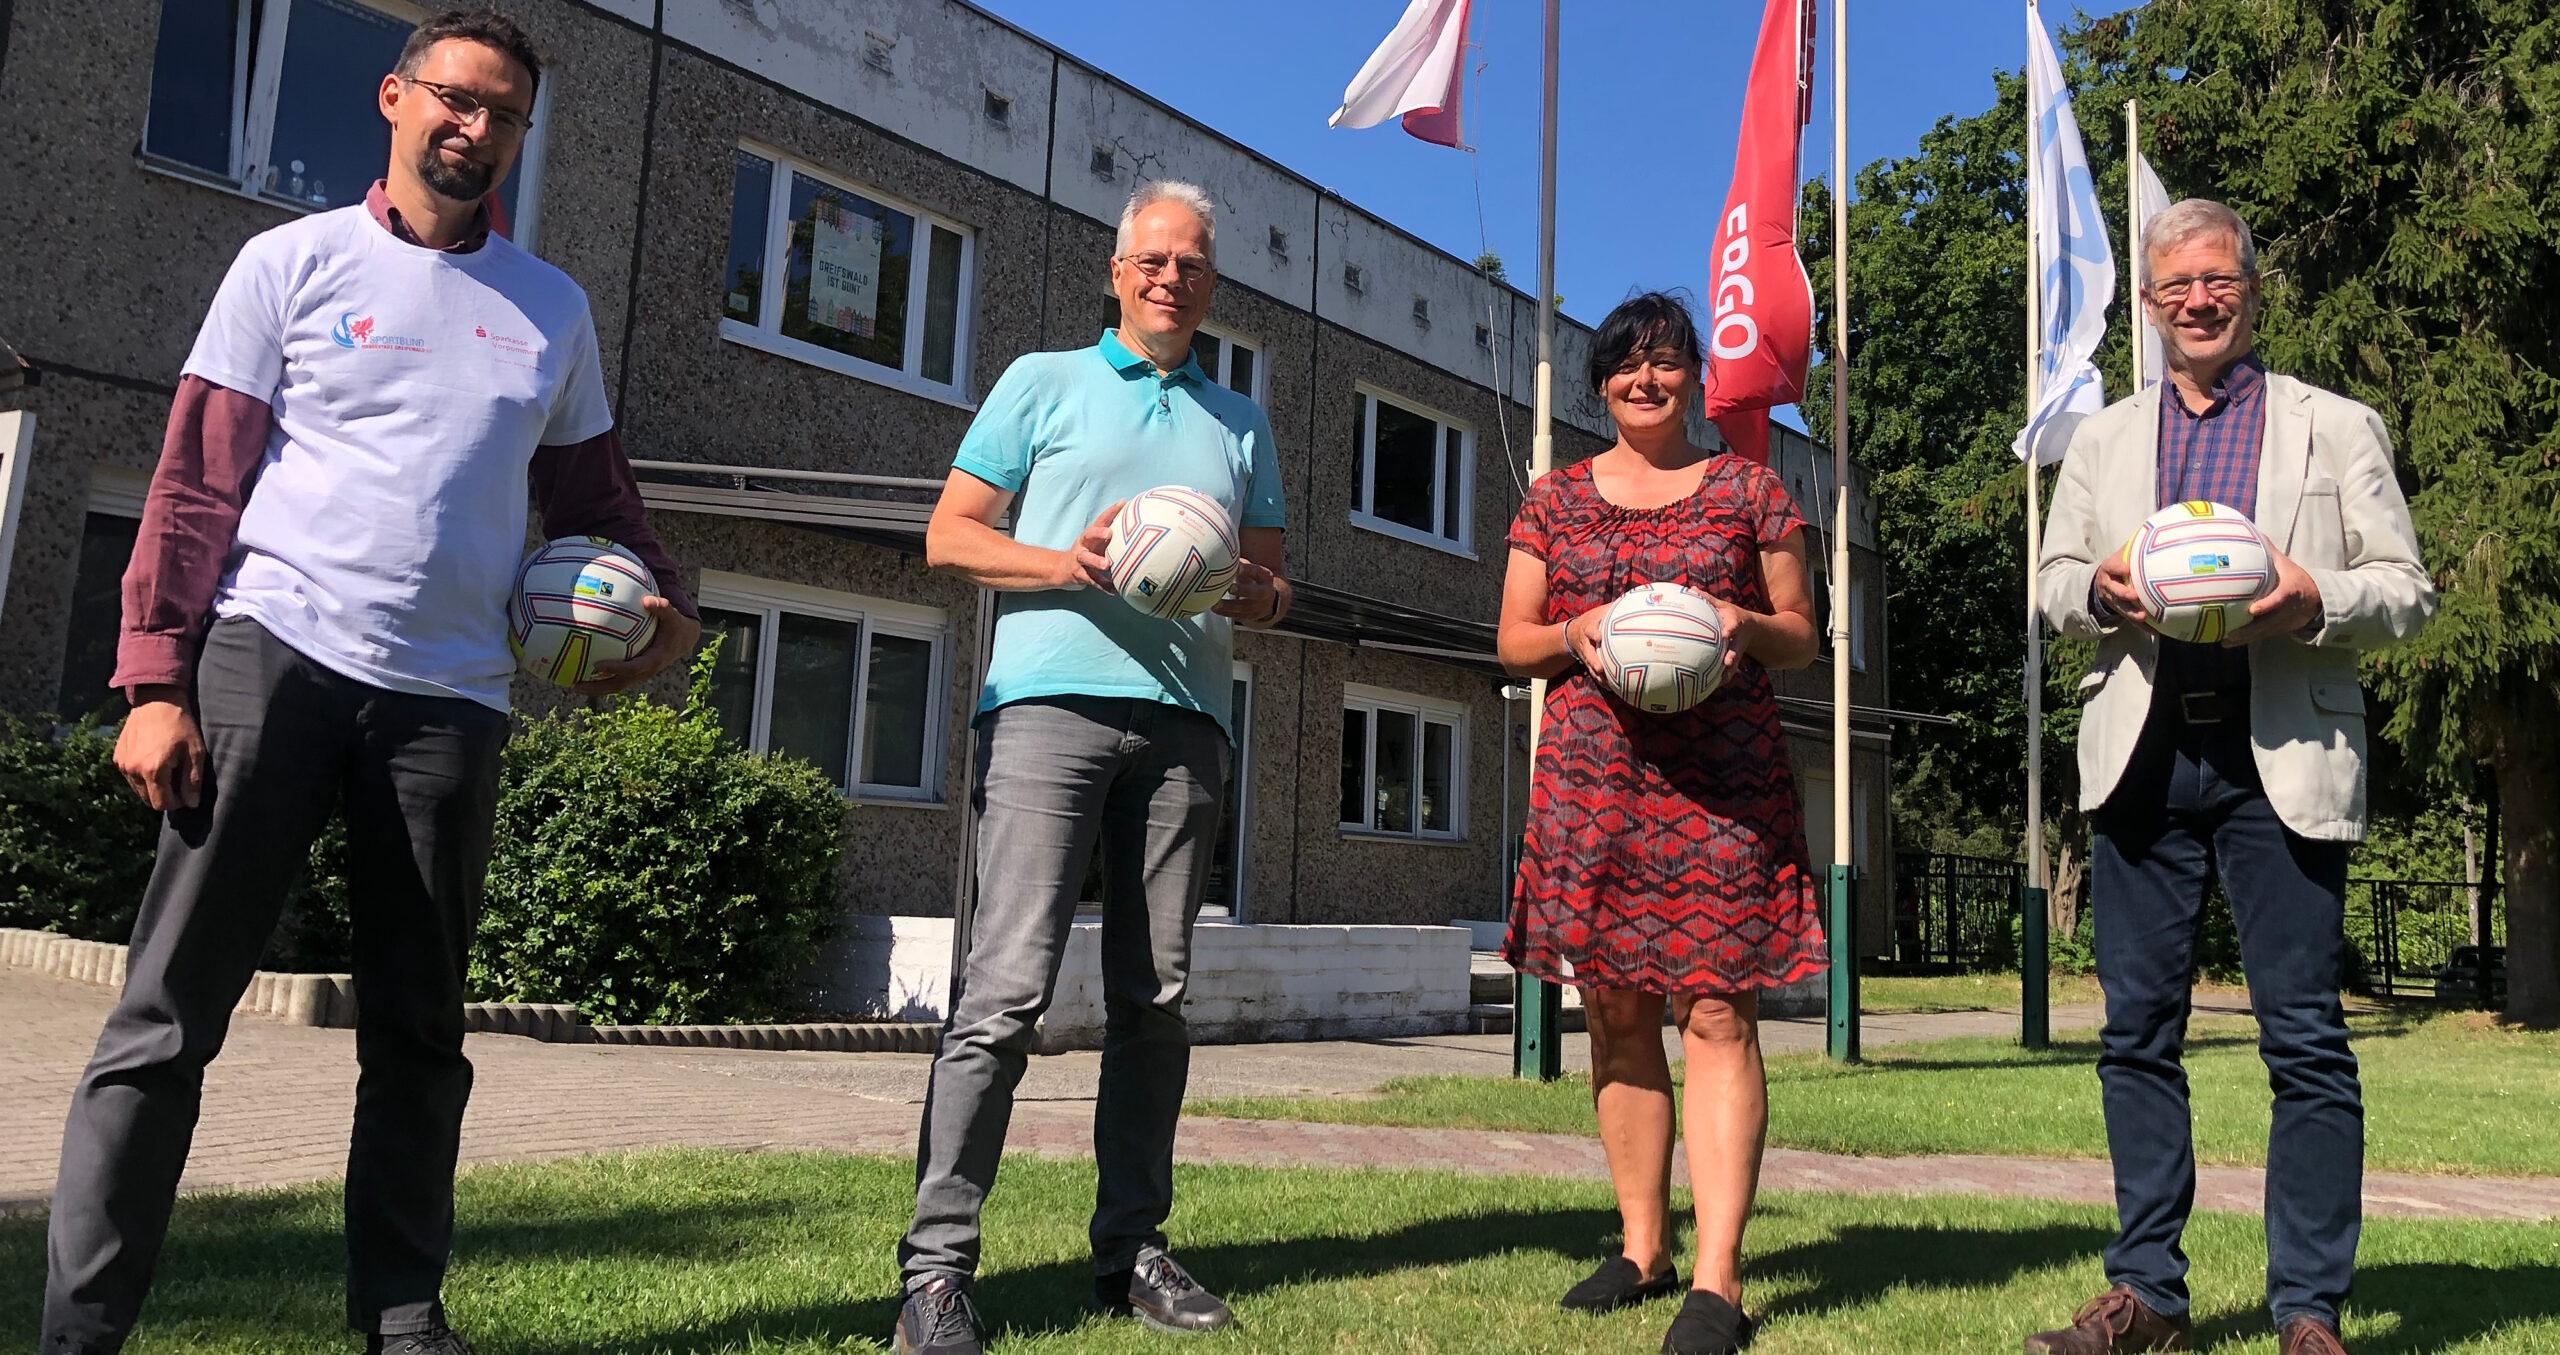 Sportbund als Botschafter für Nachhaltigkeit in Greifswald